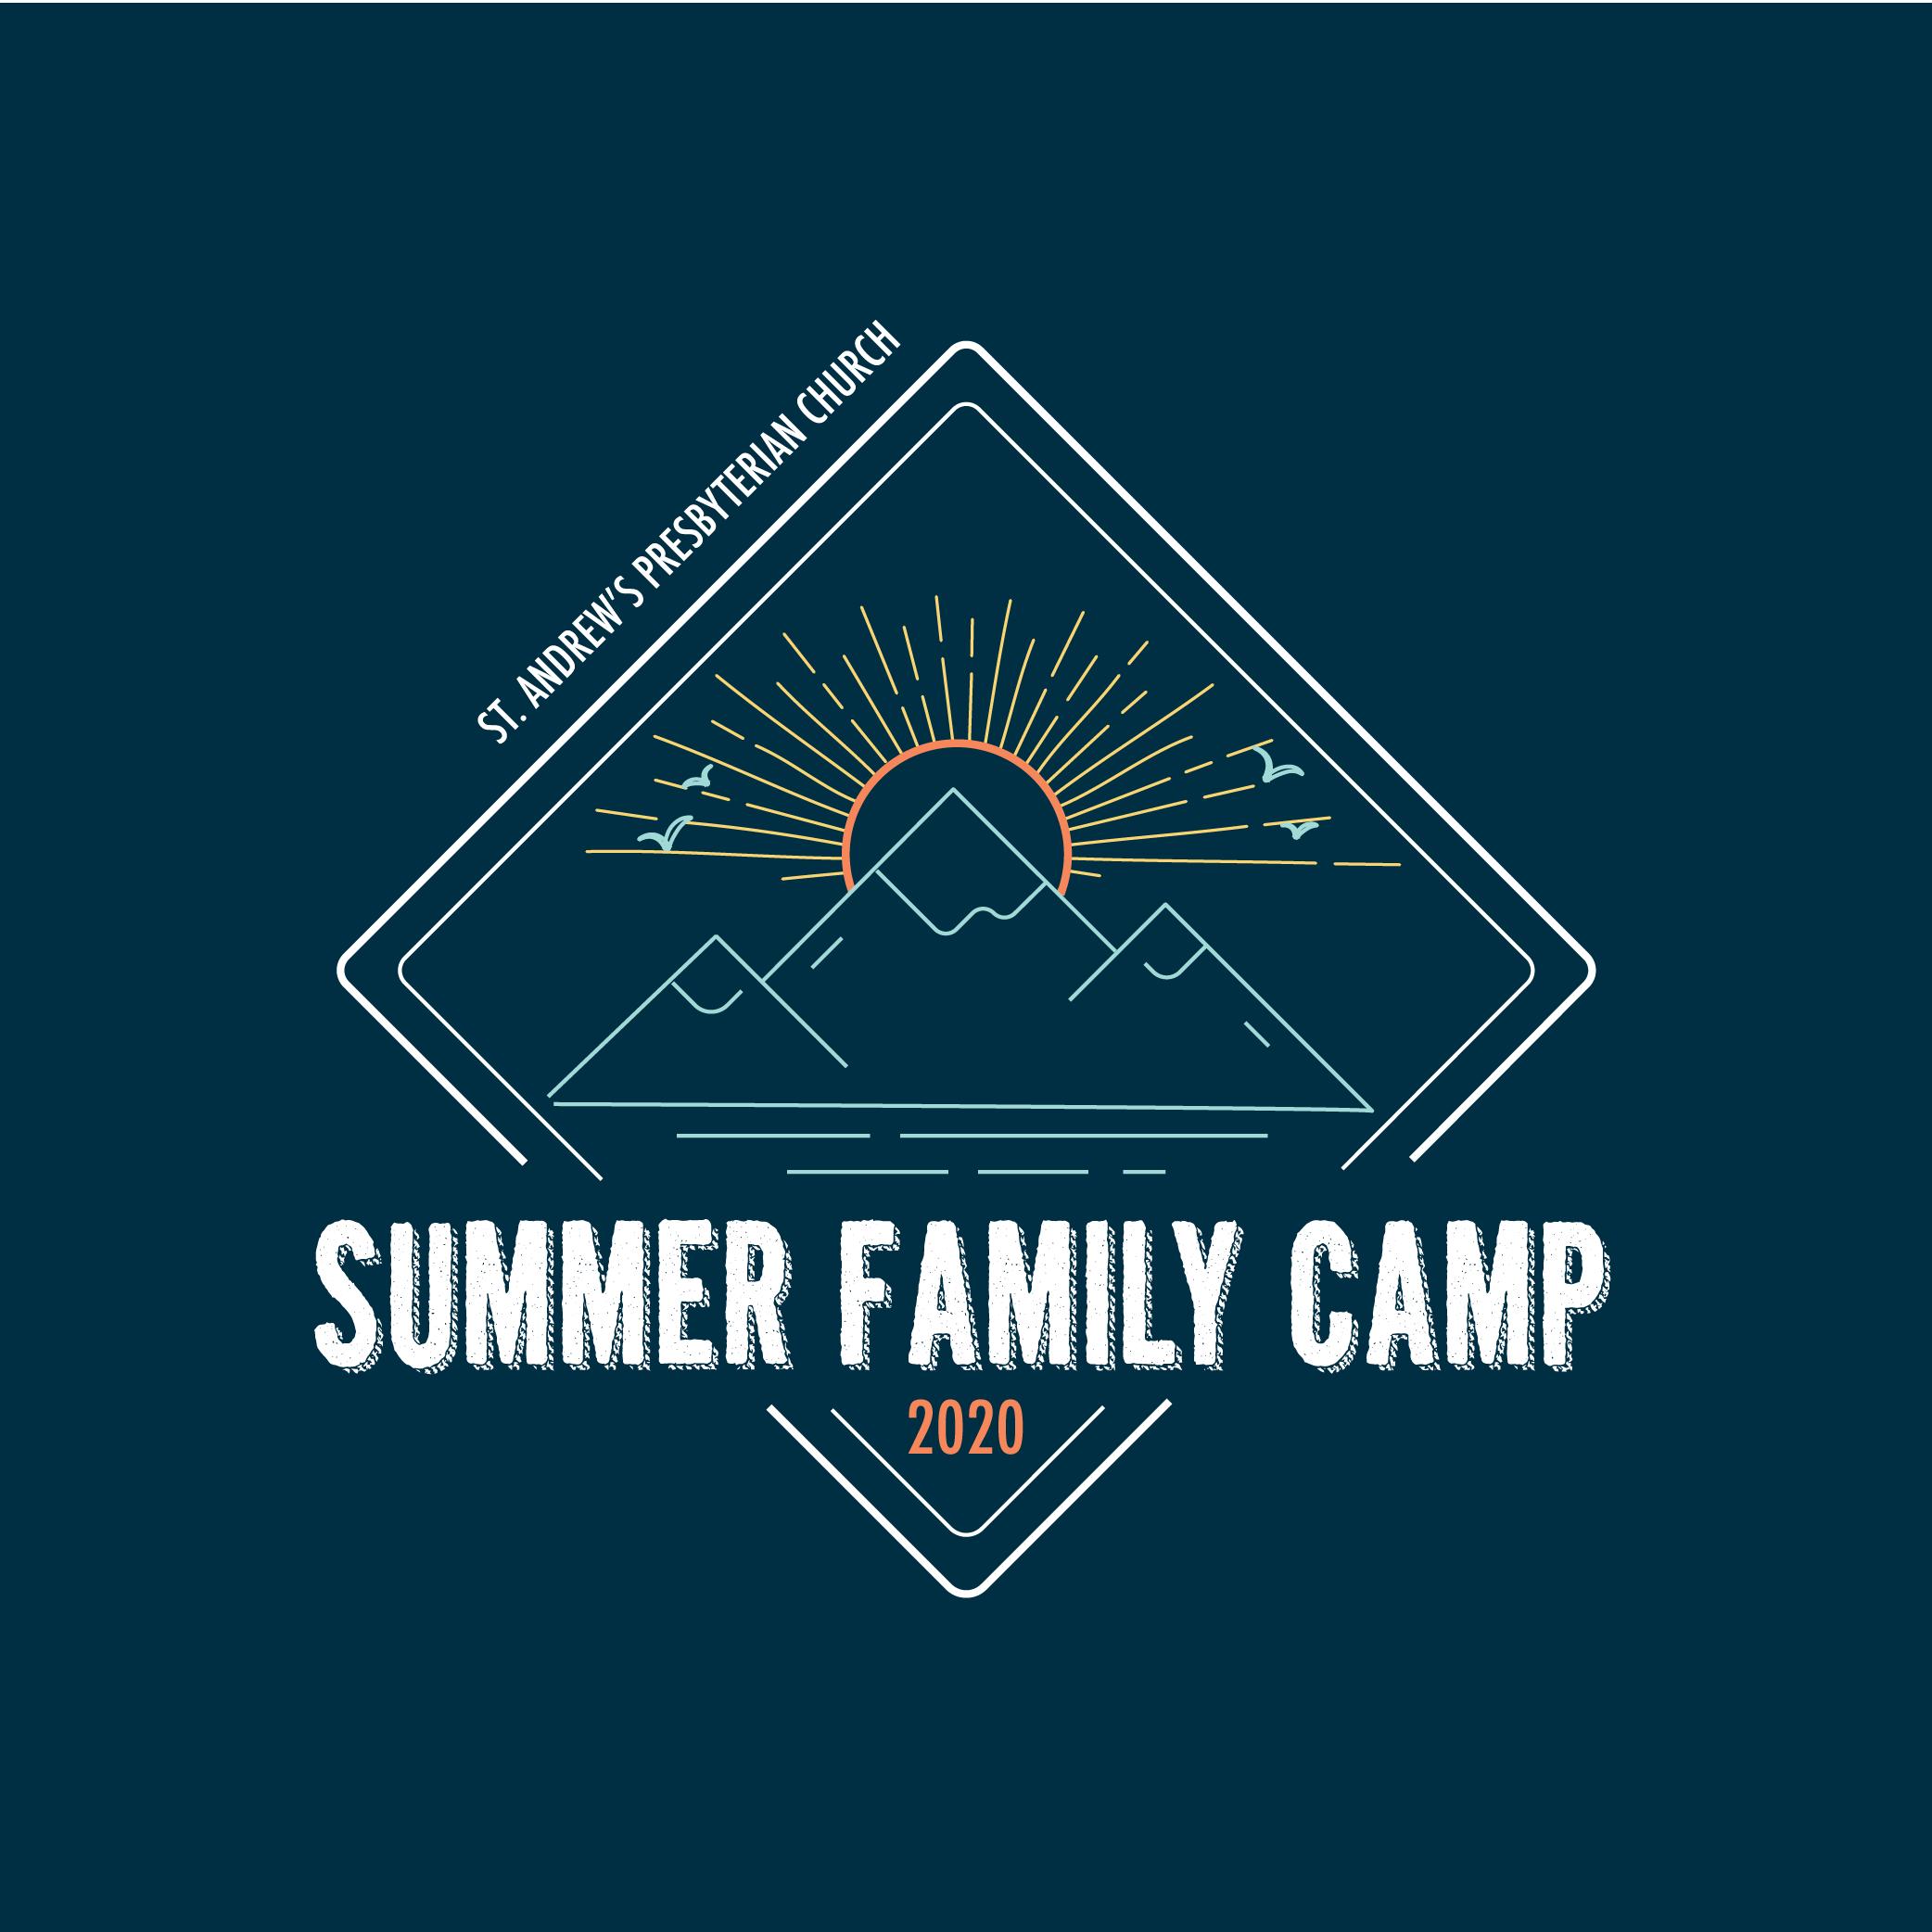 summer-camp-2020-logo-final-02-1592631107.png